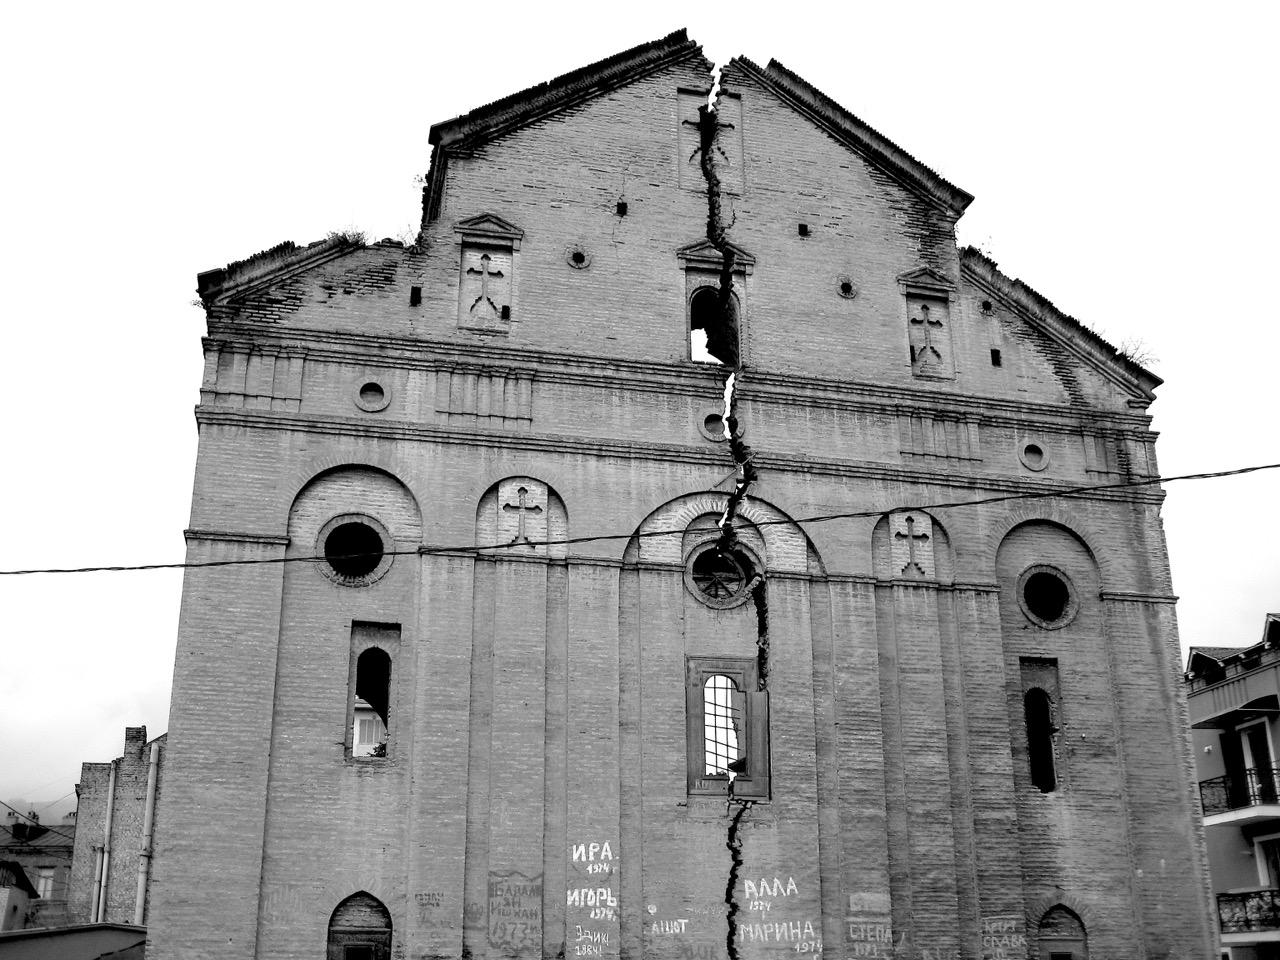 Foto: Riss. Aus: Eriwan. Kapitel 5. Aufzeichnungen aus Armenien von Marc Degens.